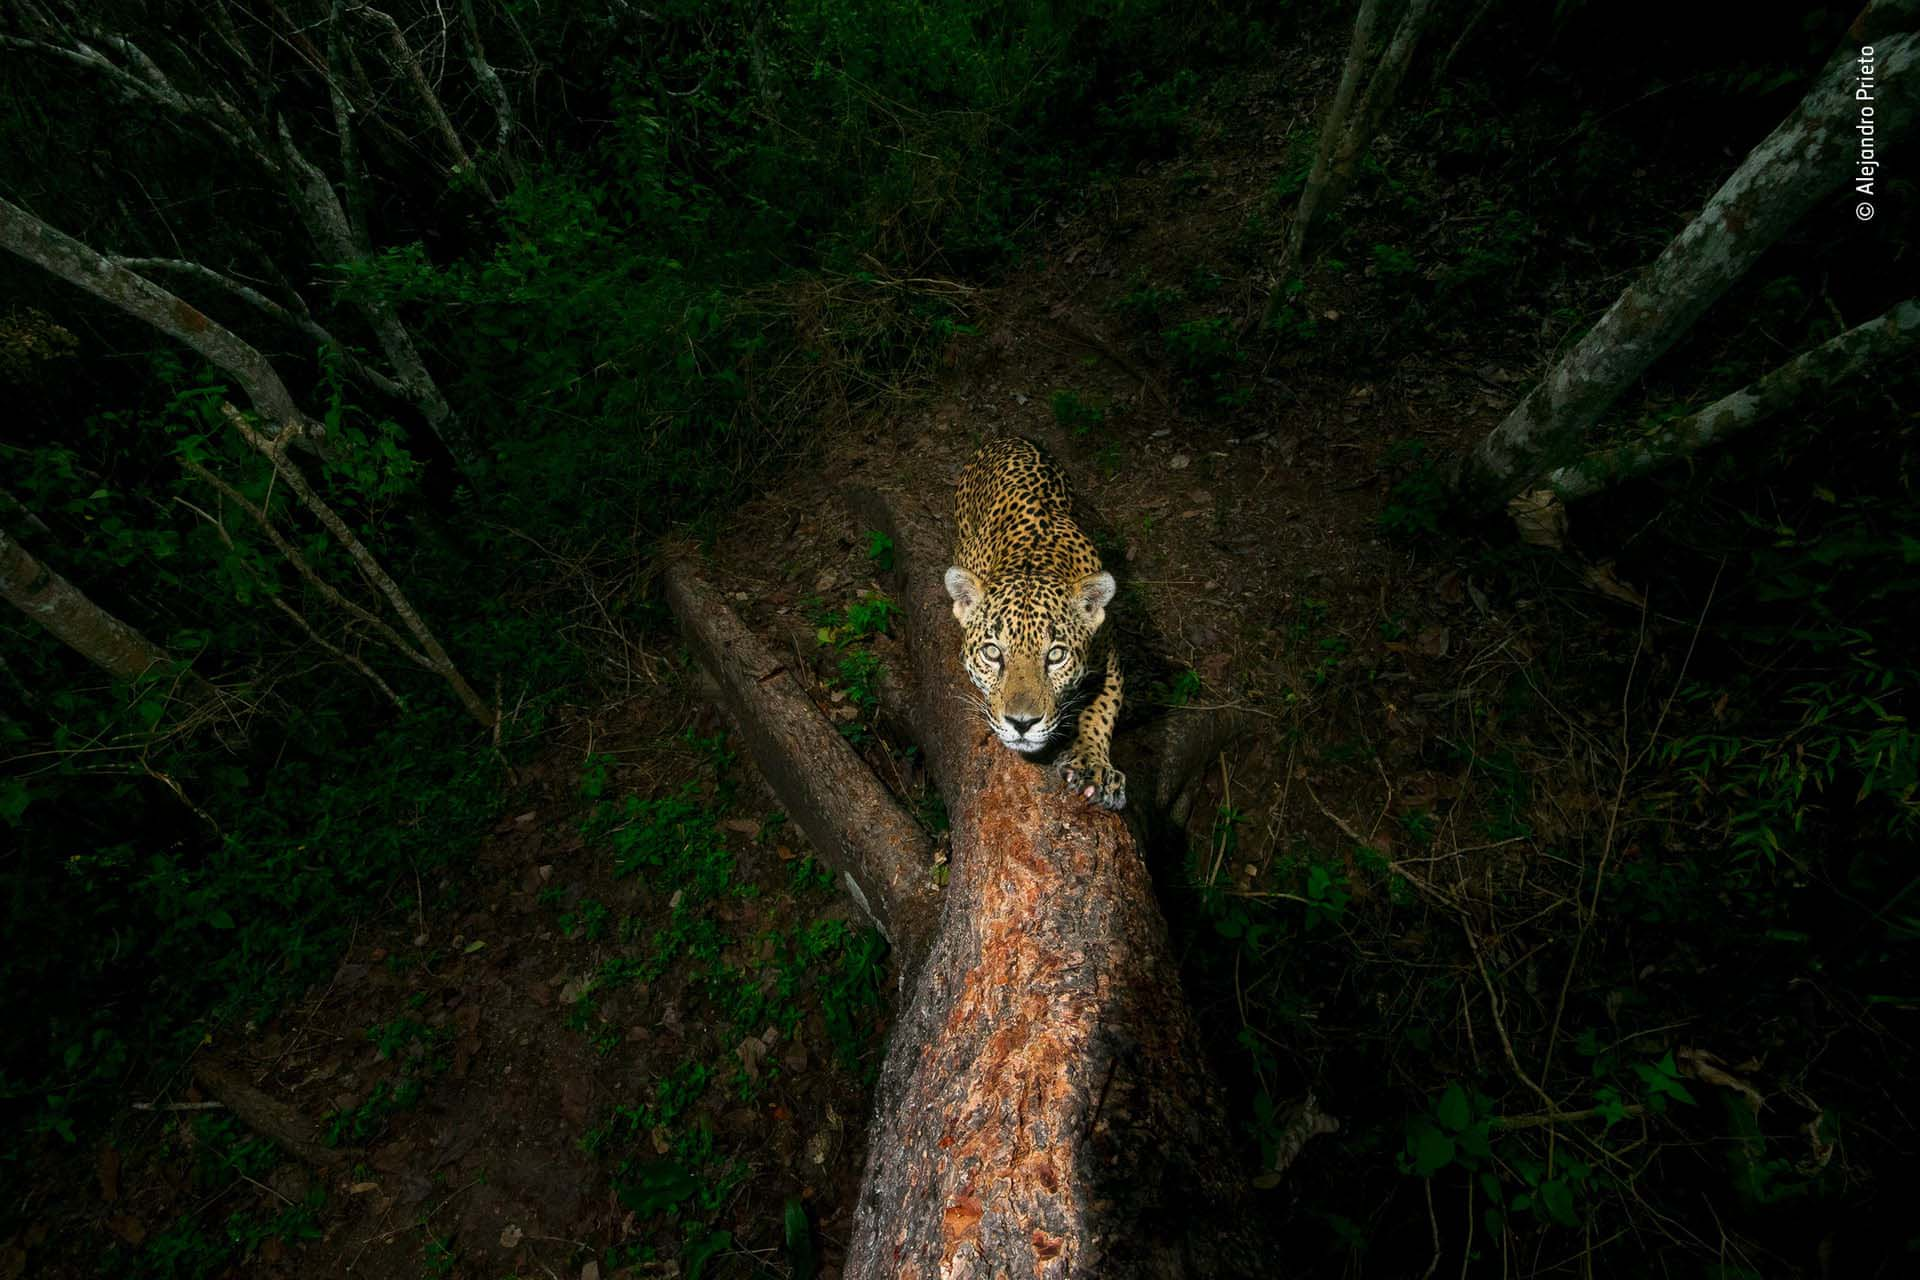 'El árbol de las firmas': En la jungla montañosa de la Sierra de Vallejo, México, un jaguar afila sus garras al rascar un árbol, dejando un olor acre. Estas marcas son una clara advertencia para los demás. El fotógrafo es Alejandro Prieto